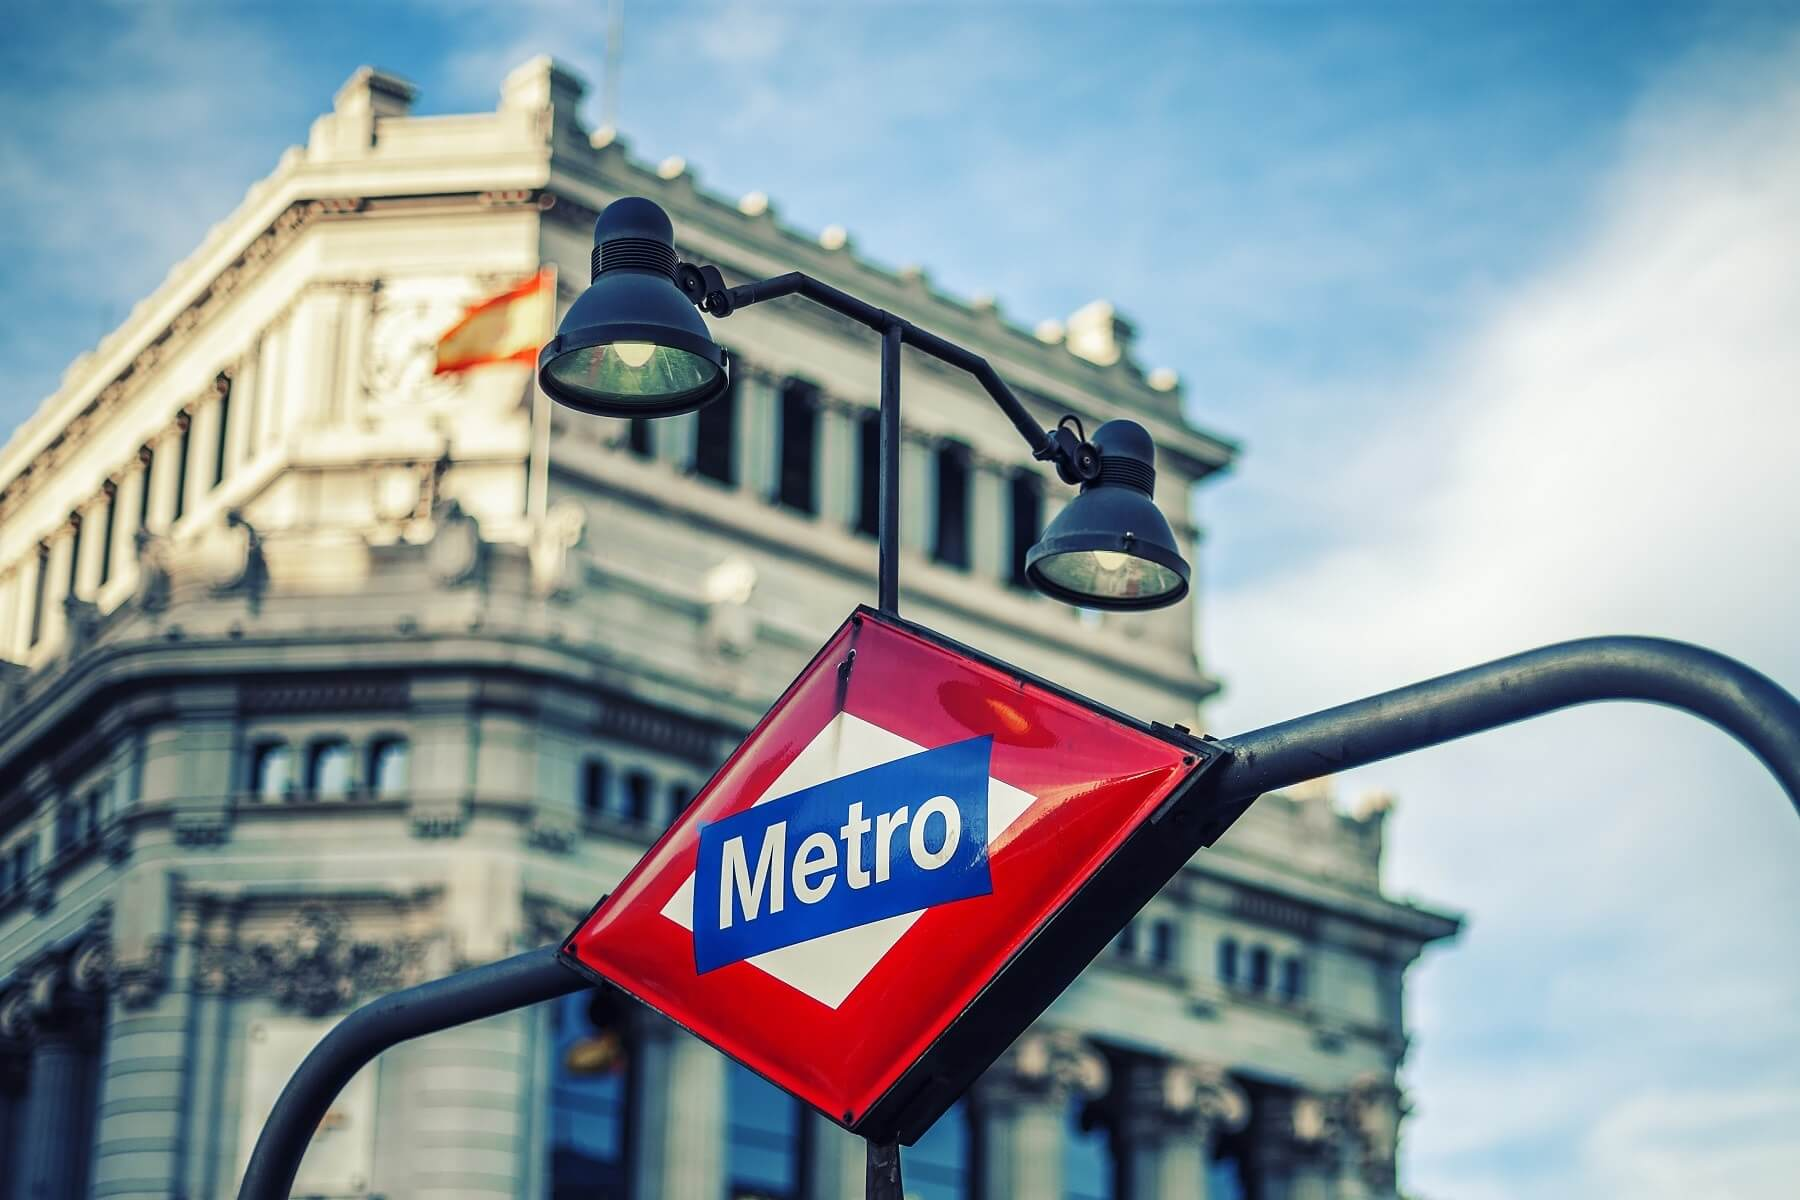 se déplacer à Madrid avec les transports en commun